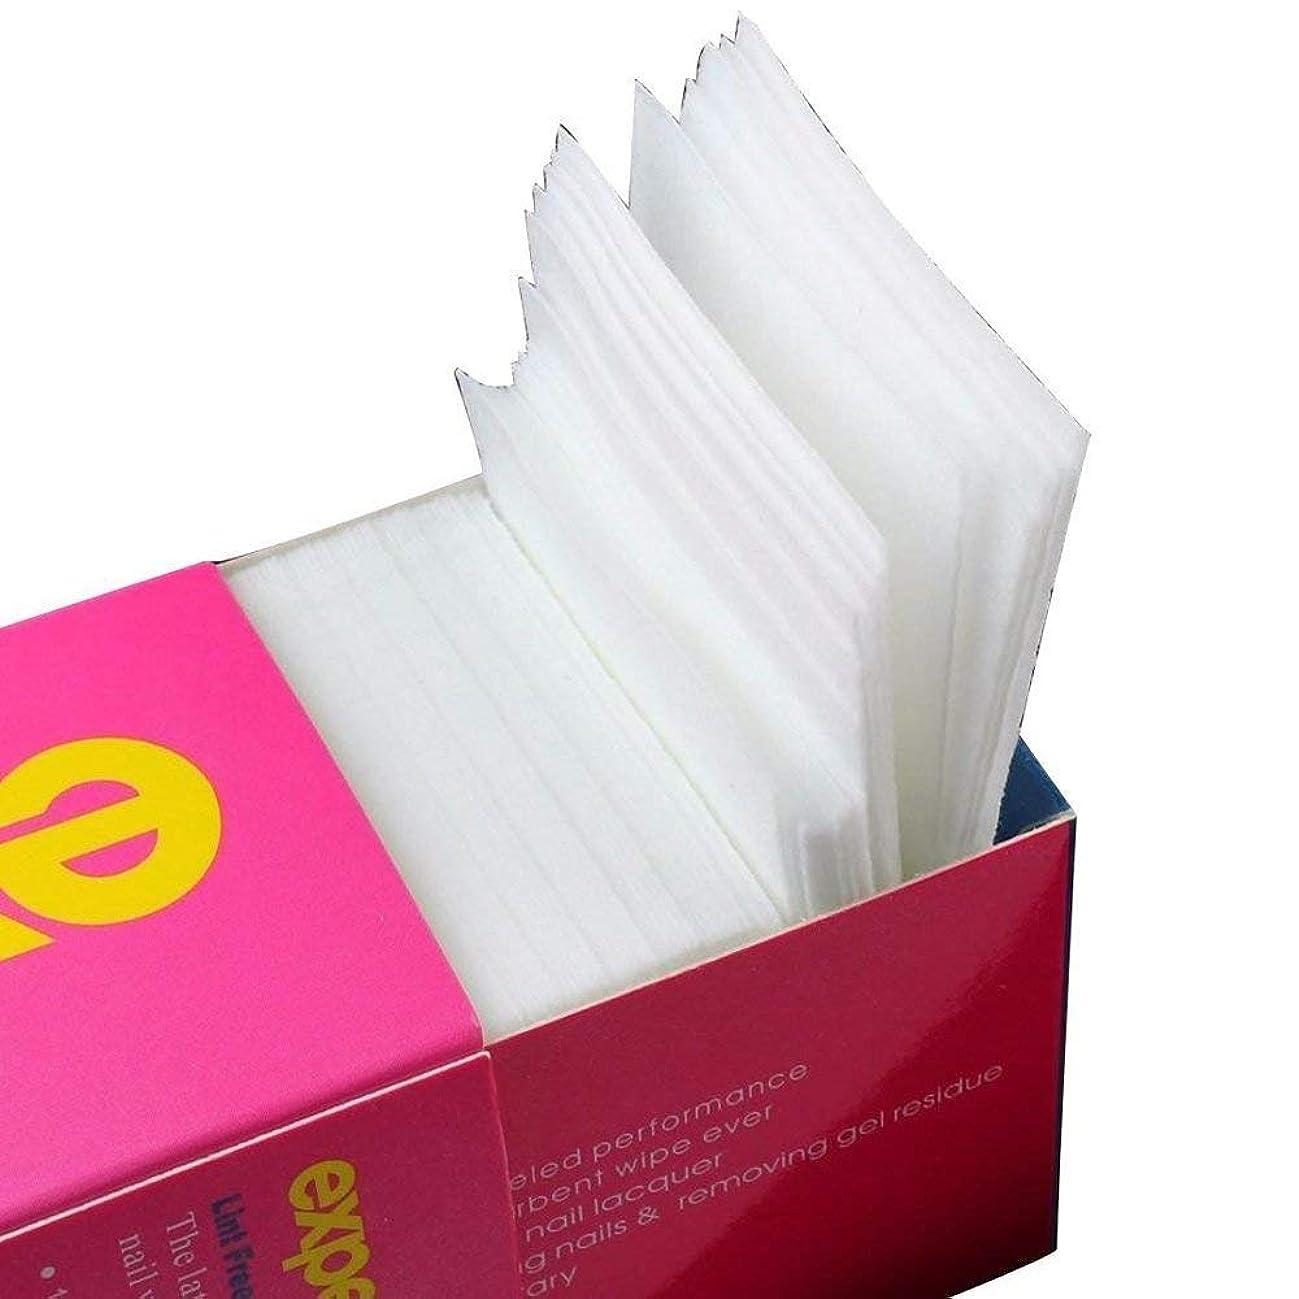 ロバゴールデン自宅で1st market 大人気 ネイル ワイプ コットン 天然素材 不織布 ジェルの拭き取り 油分除去 クリーニング 320枚以上 高品質